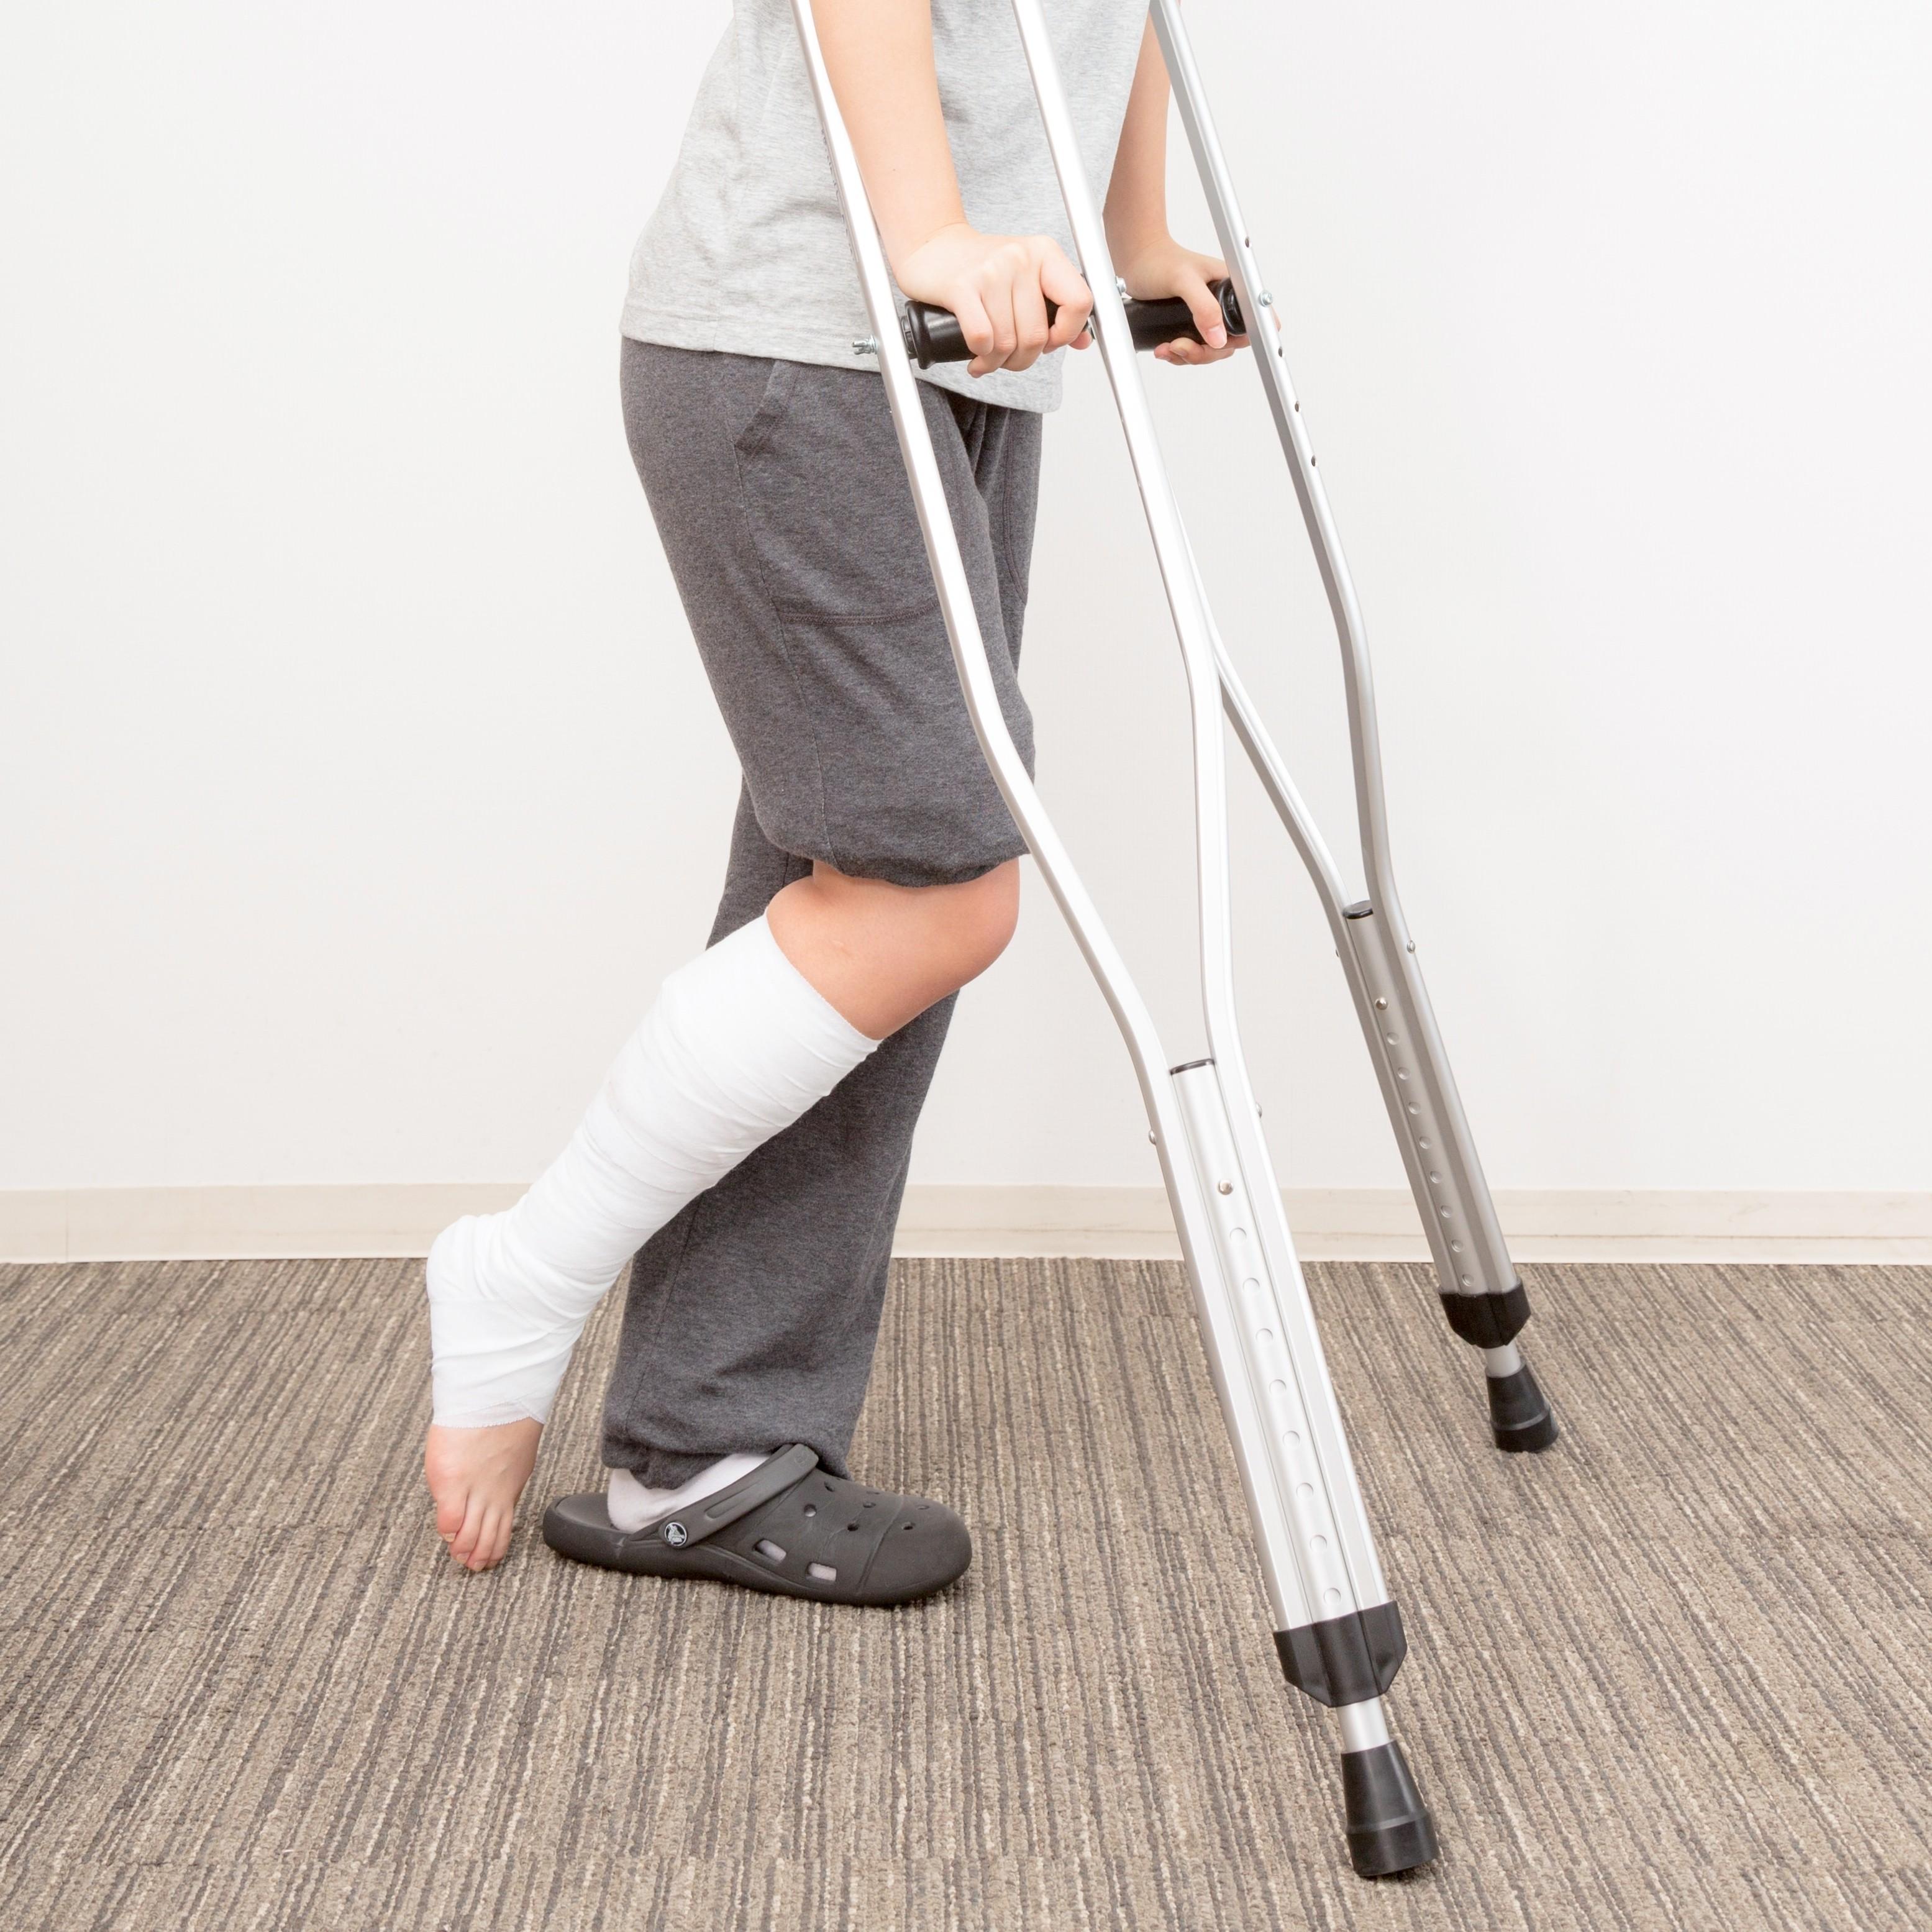 ▲拐杖,行動不便,受傷,骨折。(圖/取自免費圖庫Pakutaso)